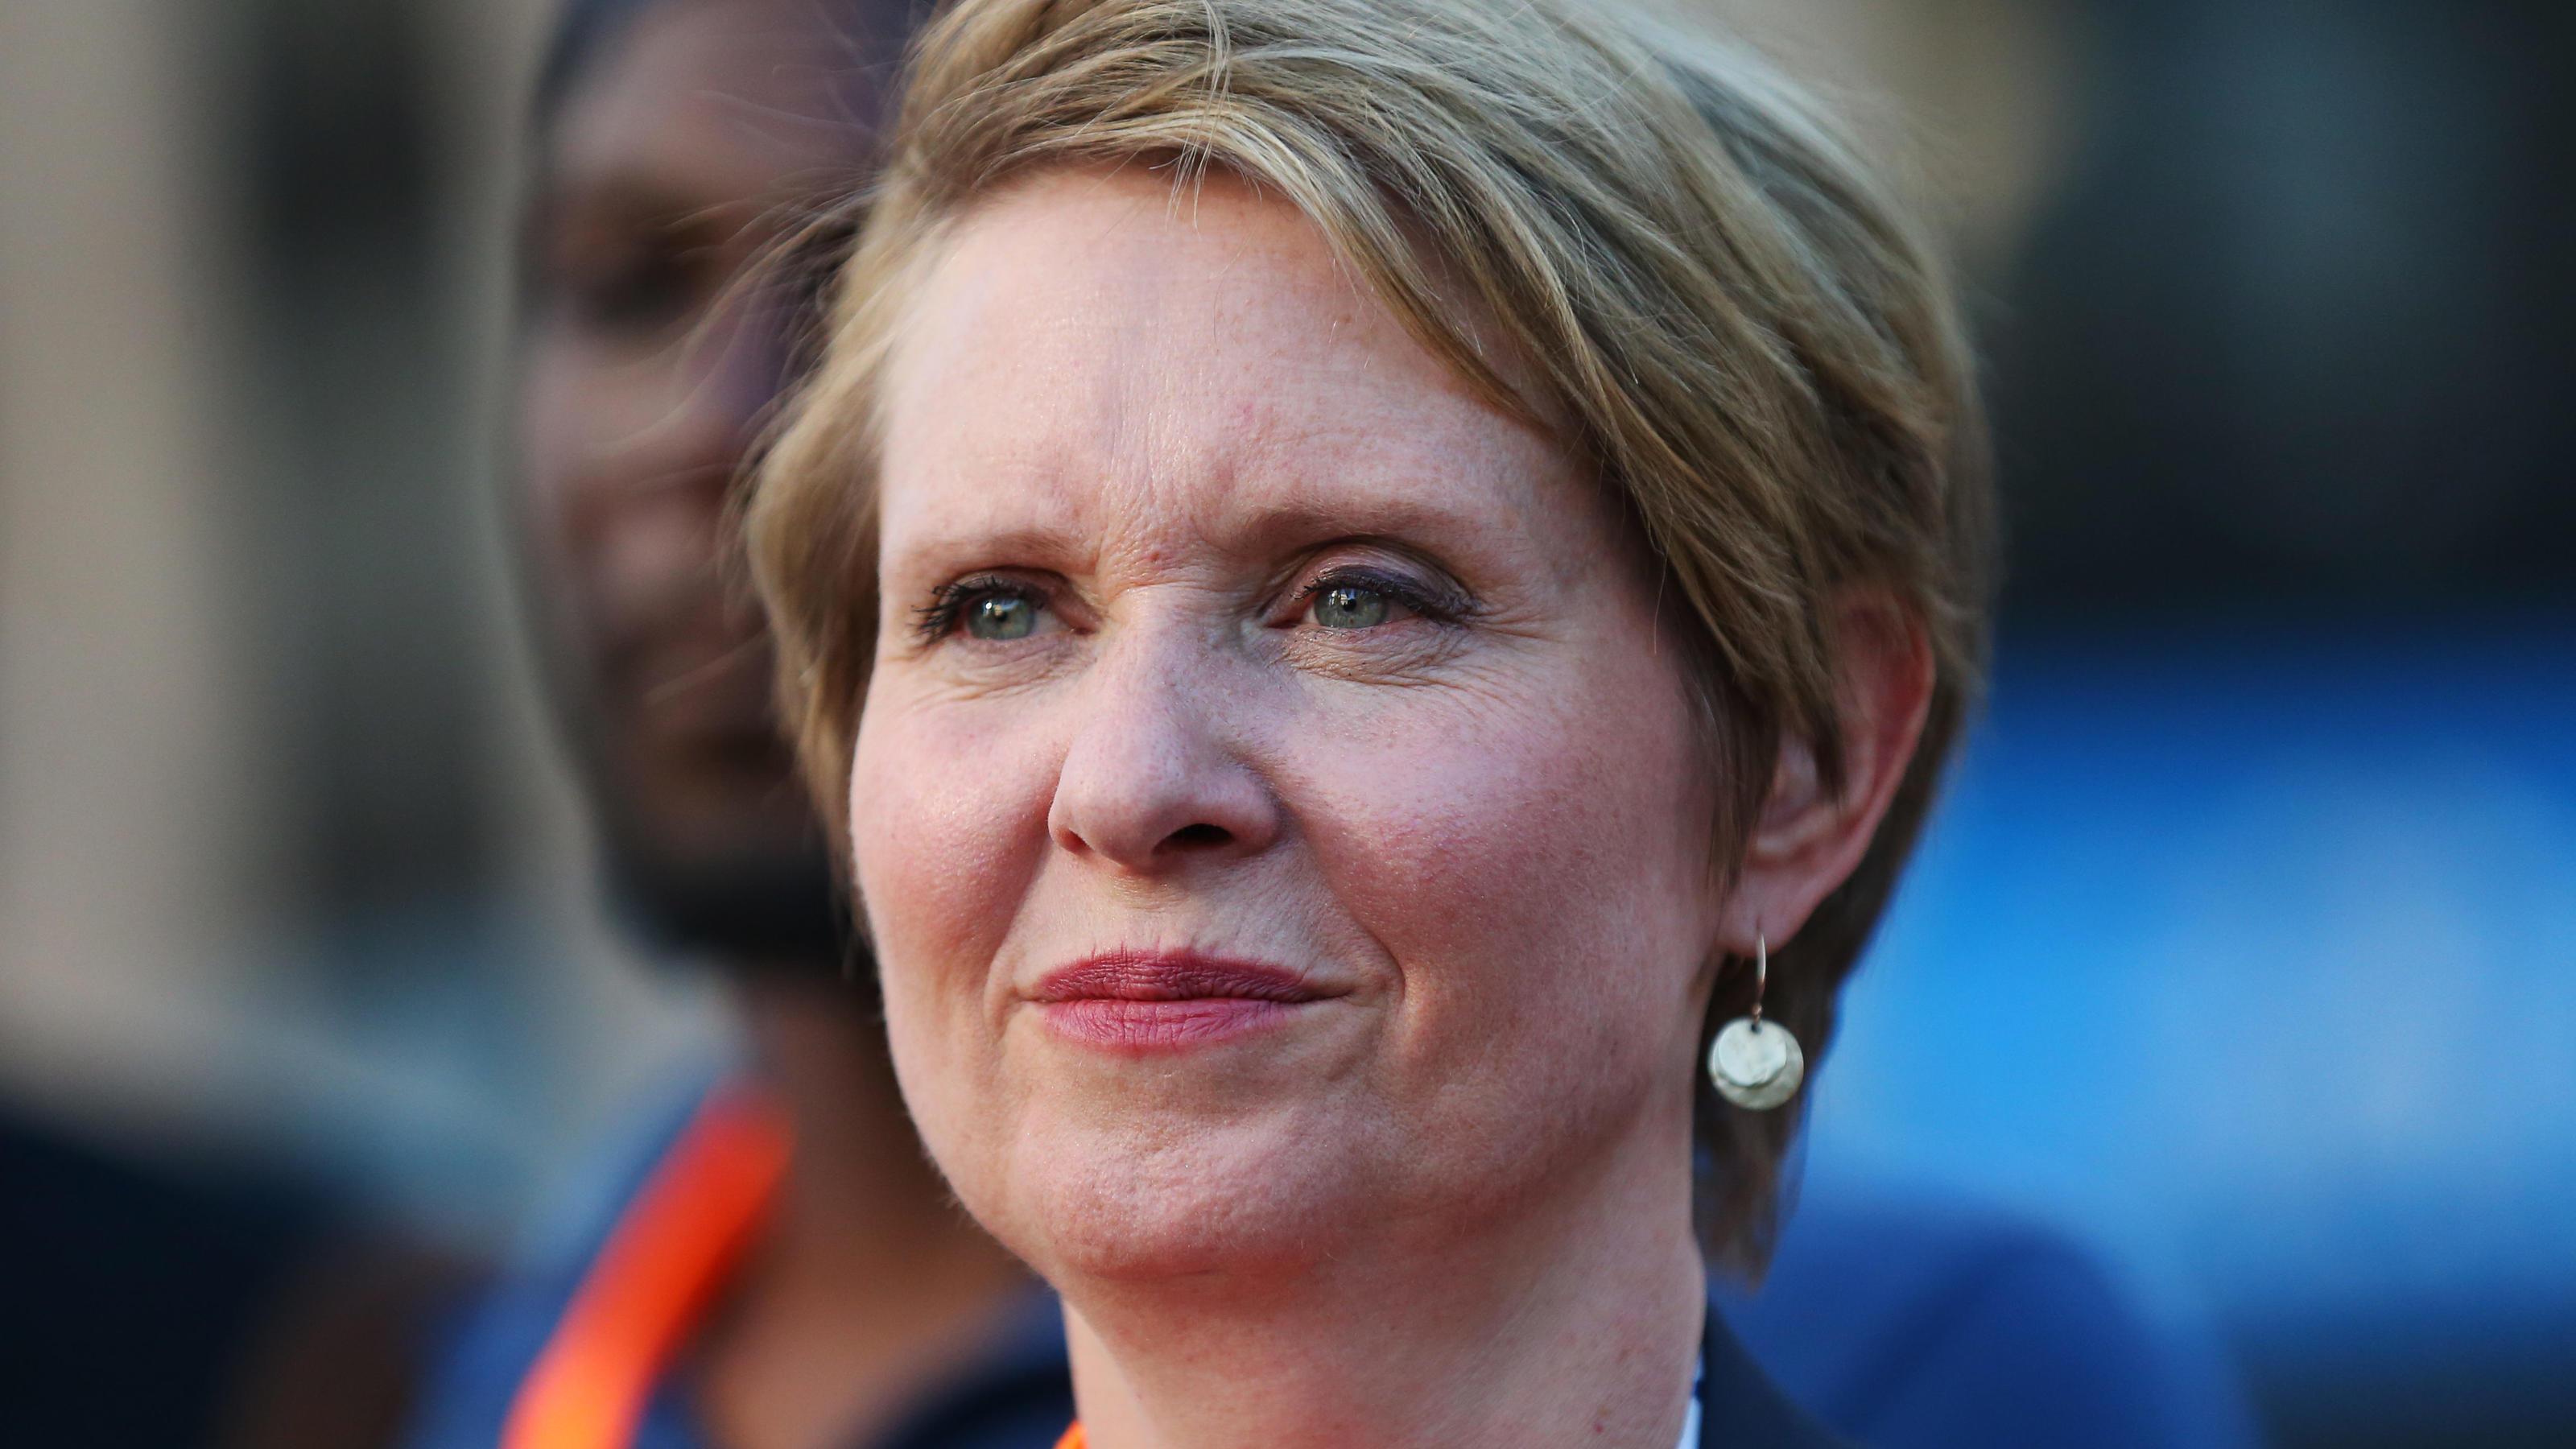 Grüße zum College-Abschluss:Cynthia Nixon ist stolz auf ihren Trans-Sohn